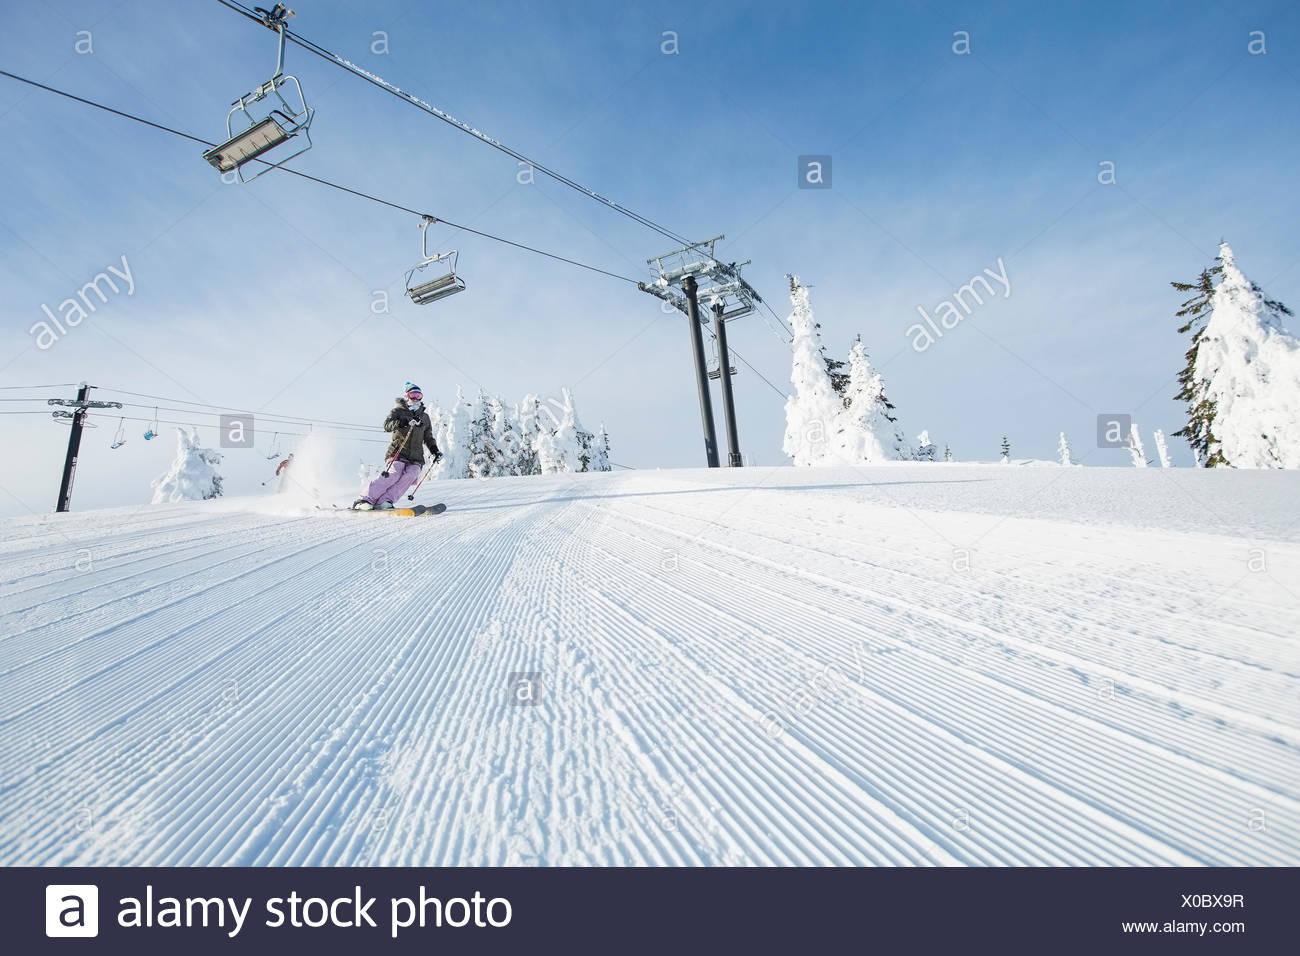 Mid-adult woman sur la pente de ski téléphérique sous Photo Stock